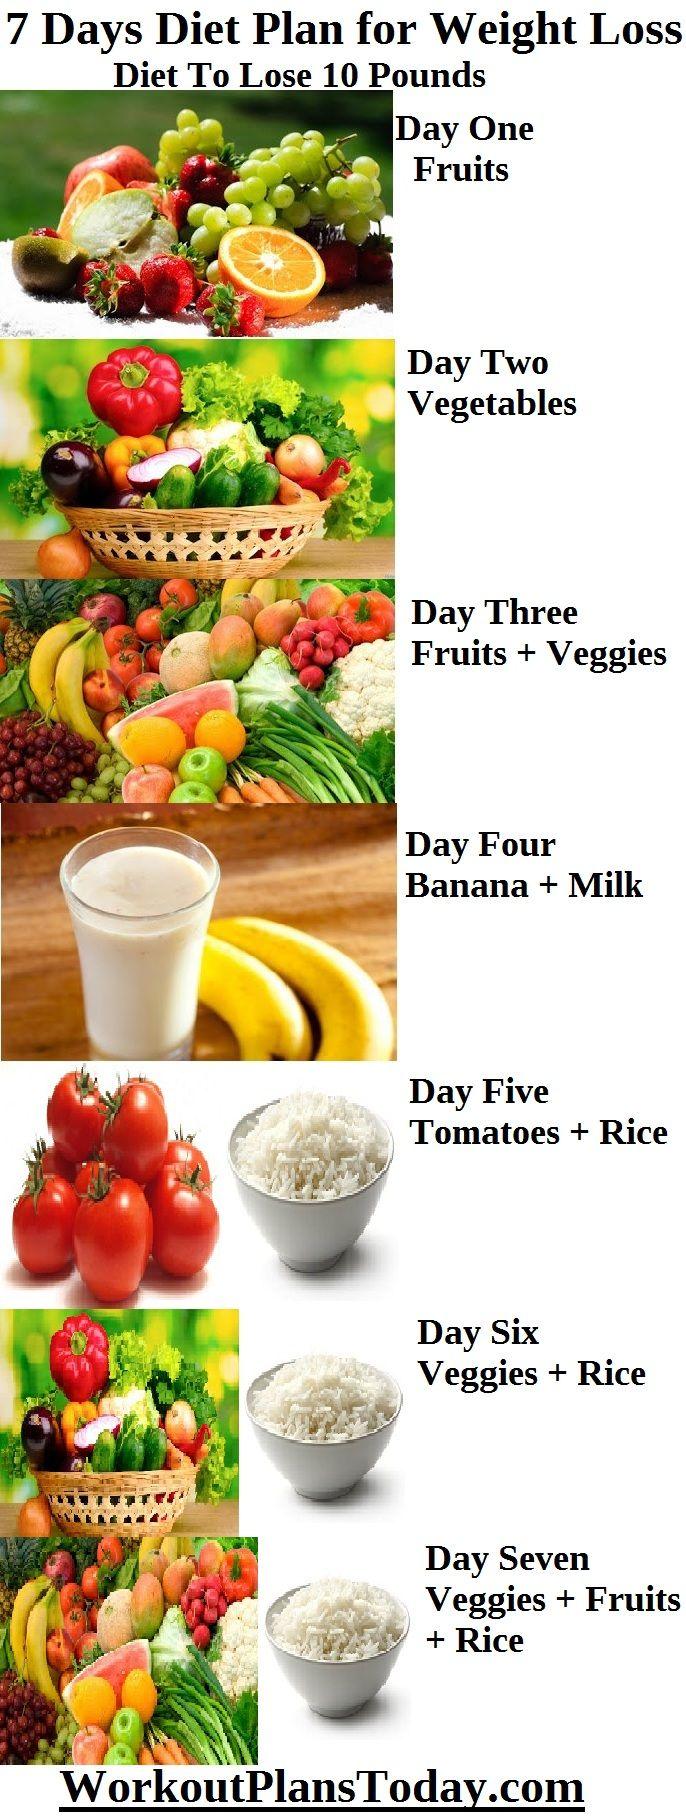 Best 25+ 7 day diet ideas on Pinterest